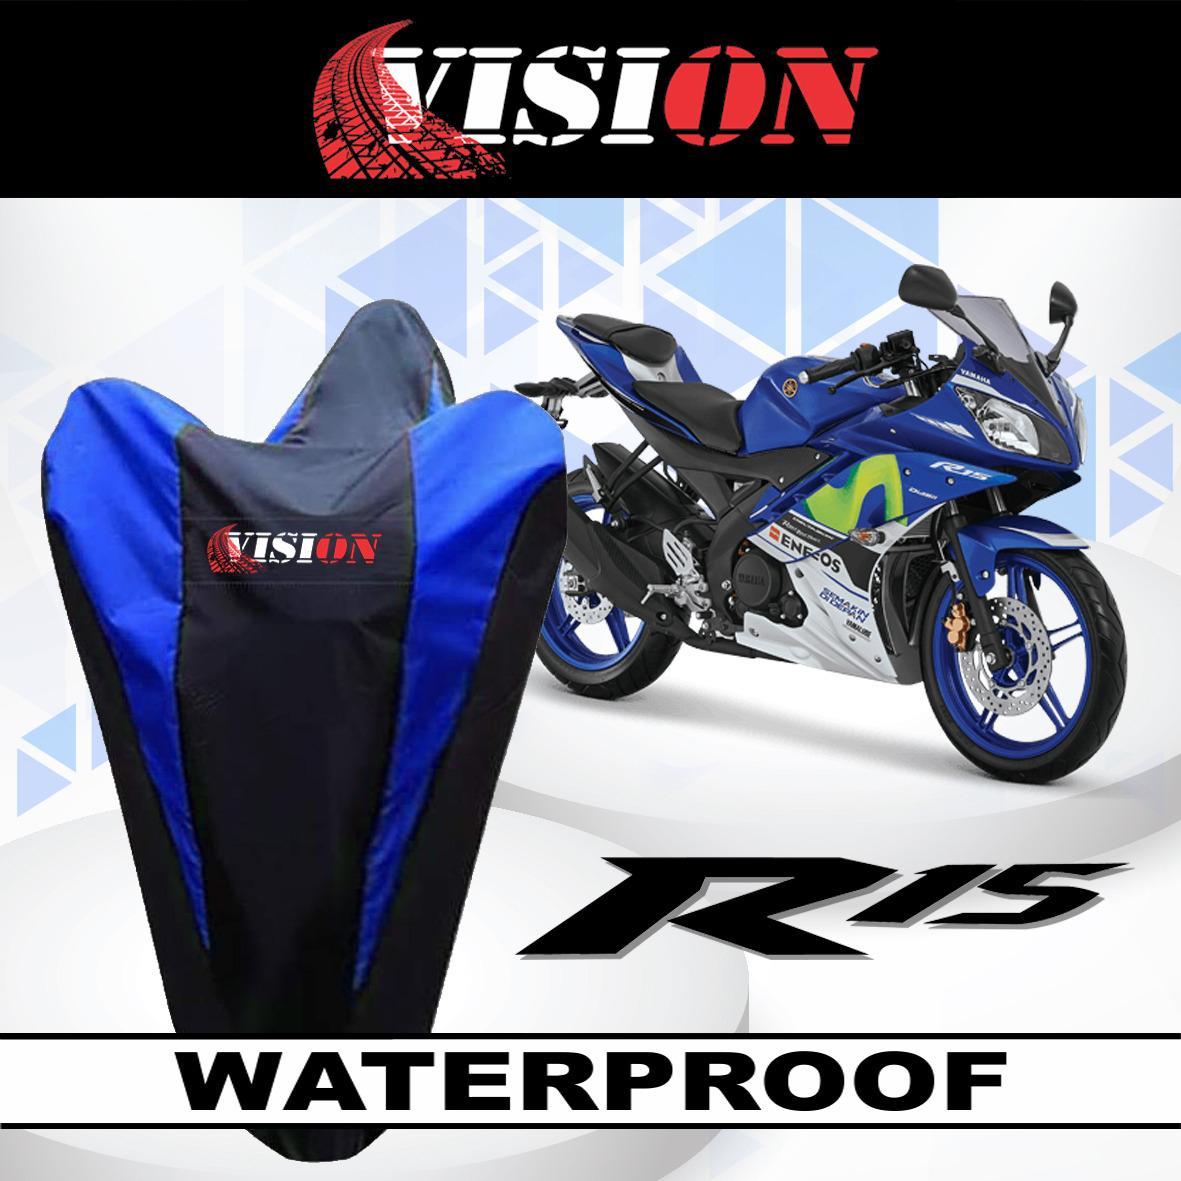 [ BAYAR DI TEMPAT ] List BIRU Sarung Bodi Motor Vision Yamaha R15 Anti Air Cover Body Waterproof Selimut Penutup Pelindung Debu